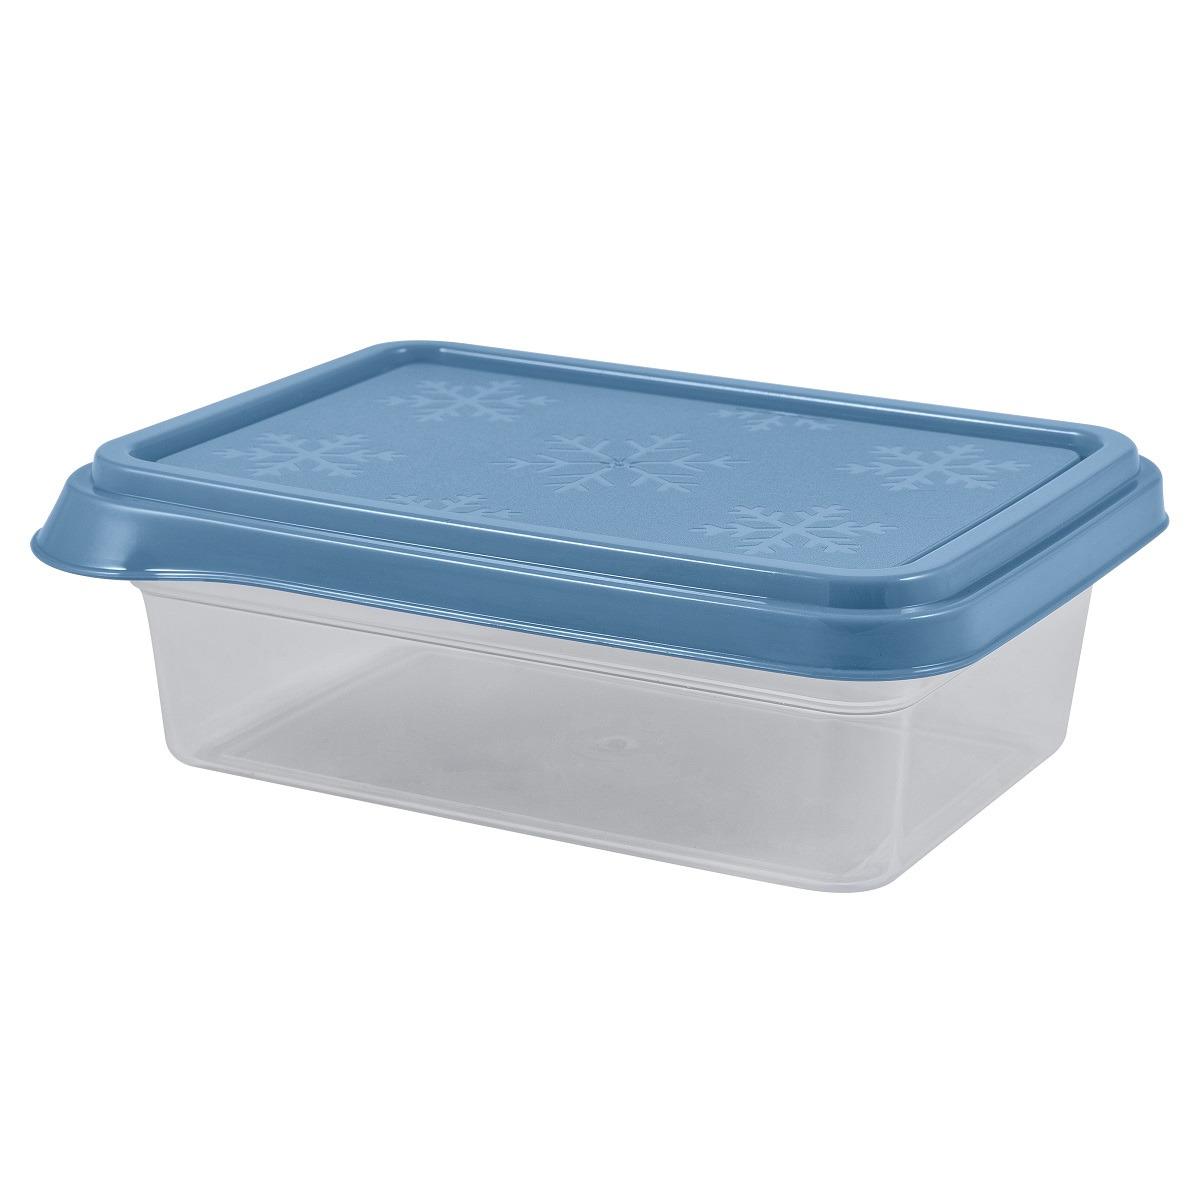 Контейнер пищевой Plast Team Bergen, PT1139-23, туманно-голубой, 1,4 л контейнер пищевой plast team цвет голубой прозрачный 0 6 л